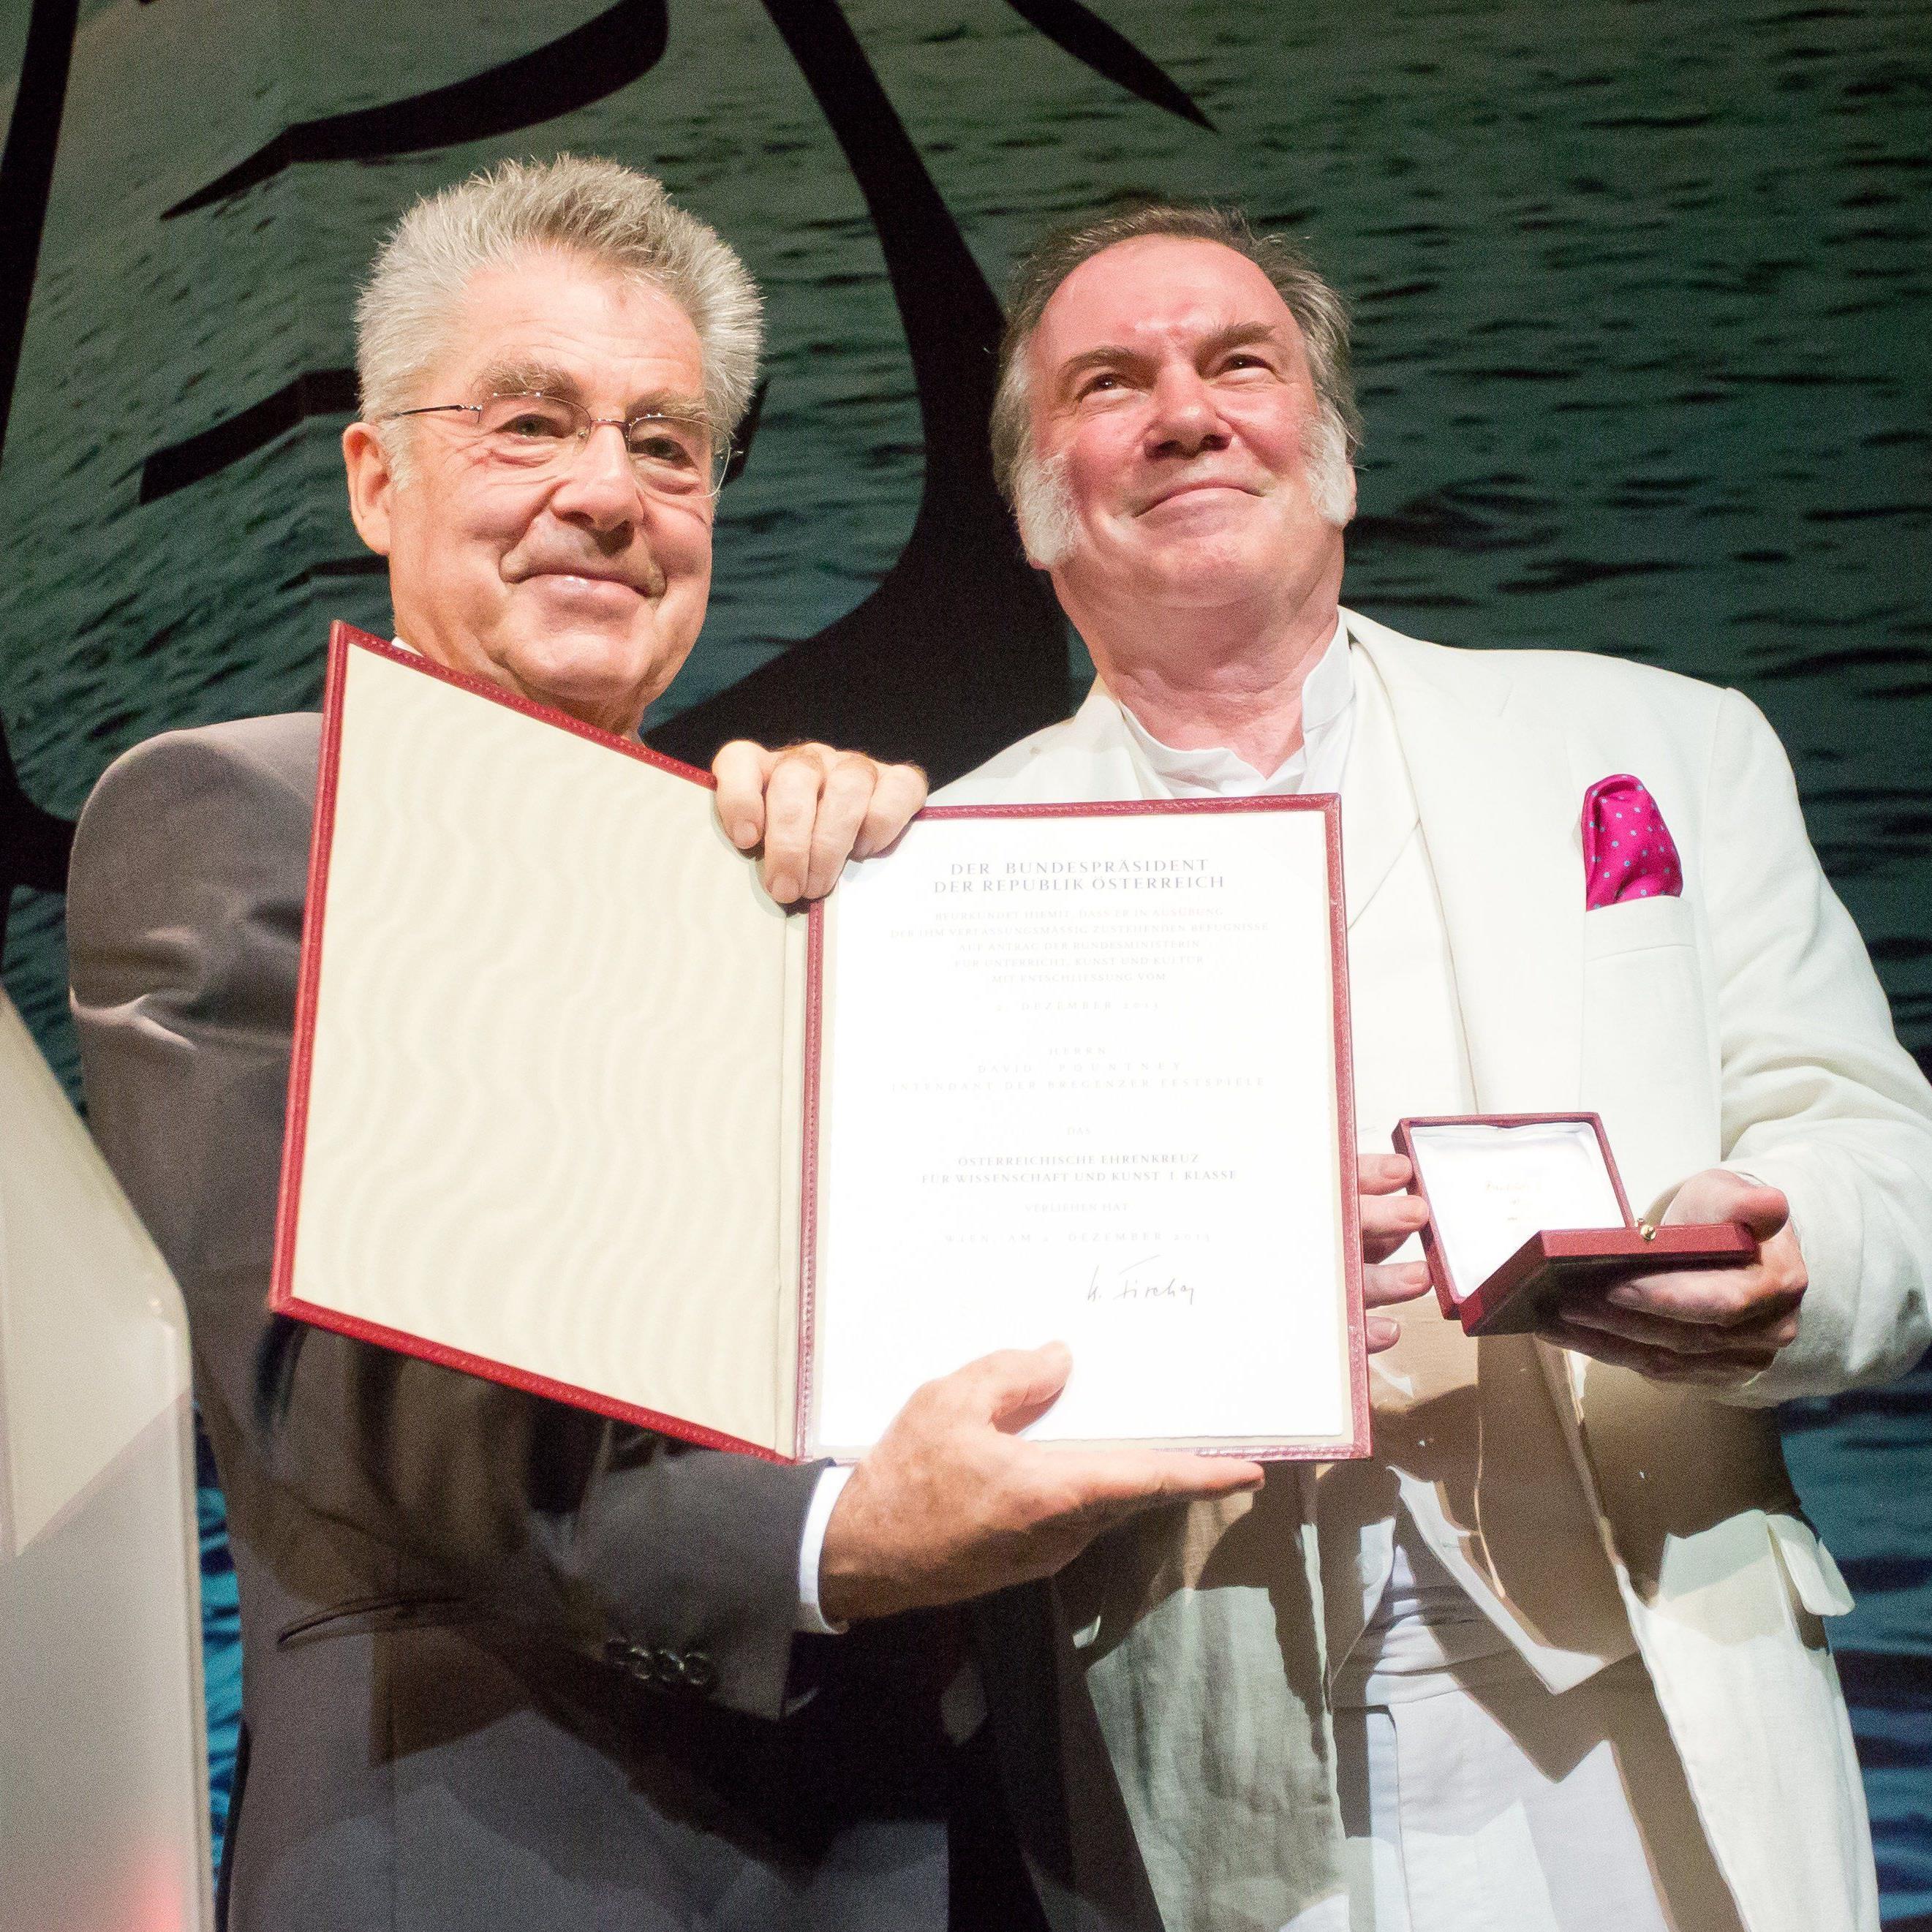 Bregenz feiert Festspielauftakt - Scheidender Intendant David Pountney ausgezeichnet.